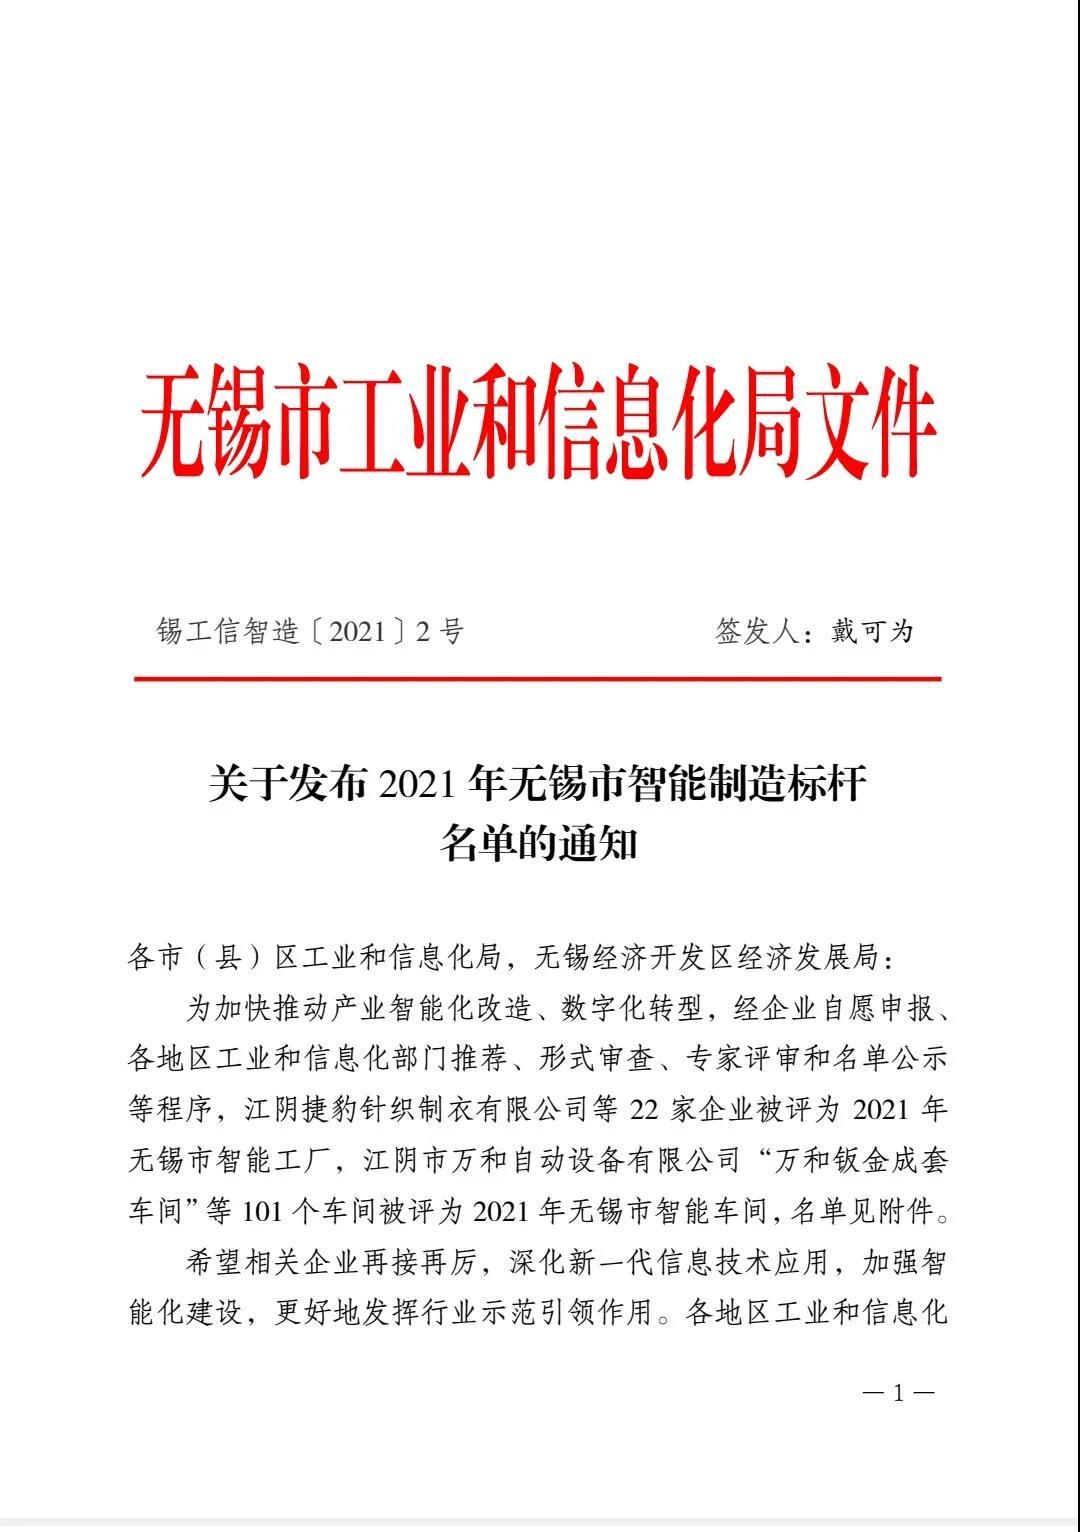 喜報 | 雙江能源上榜無錫市智能制造標桿名單!